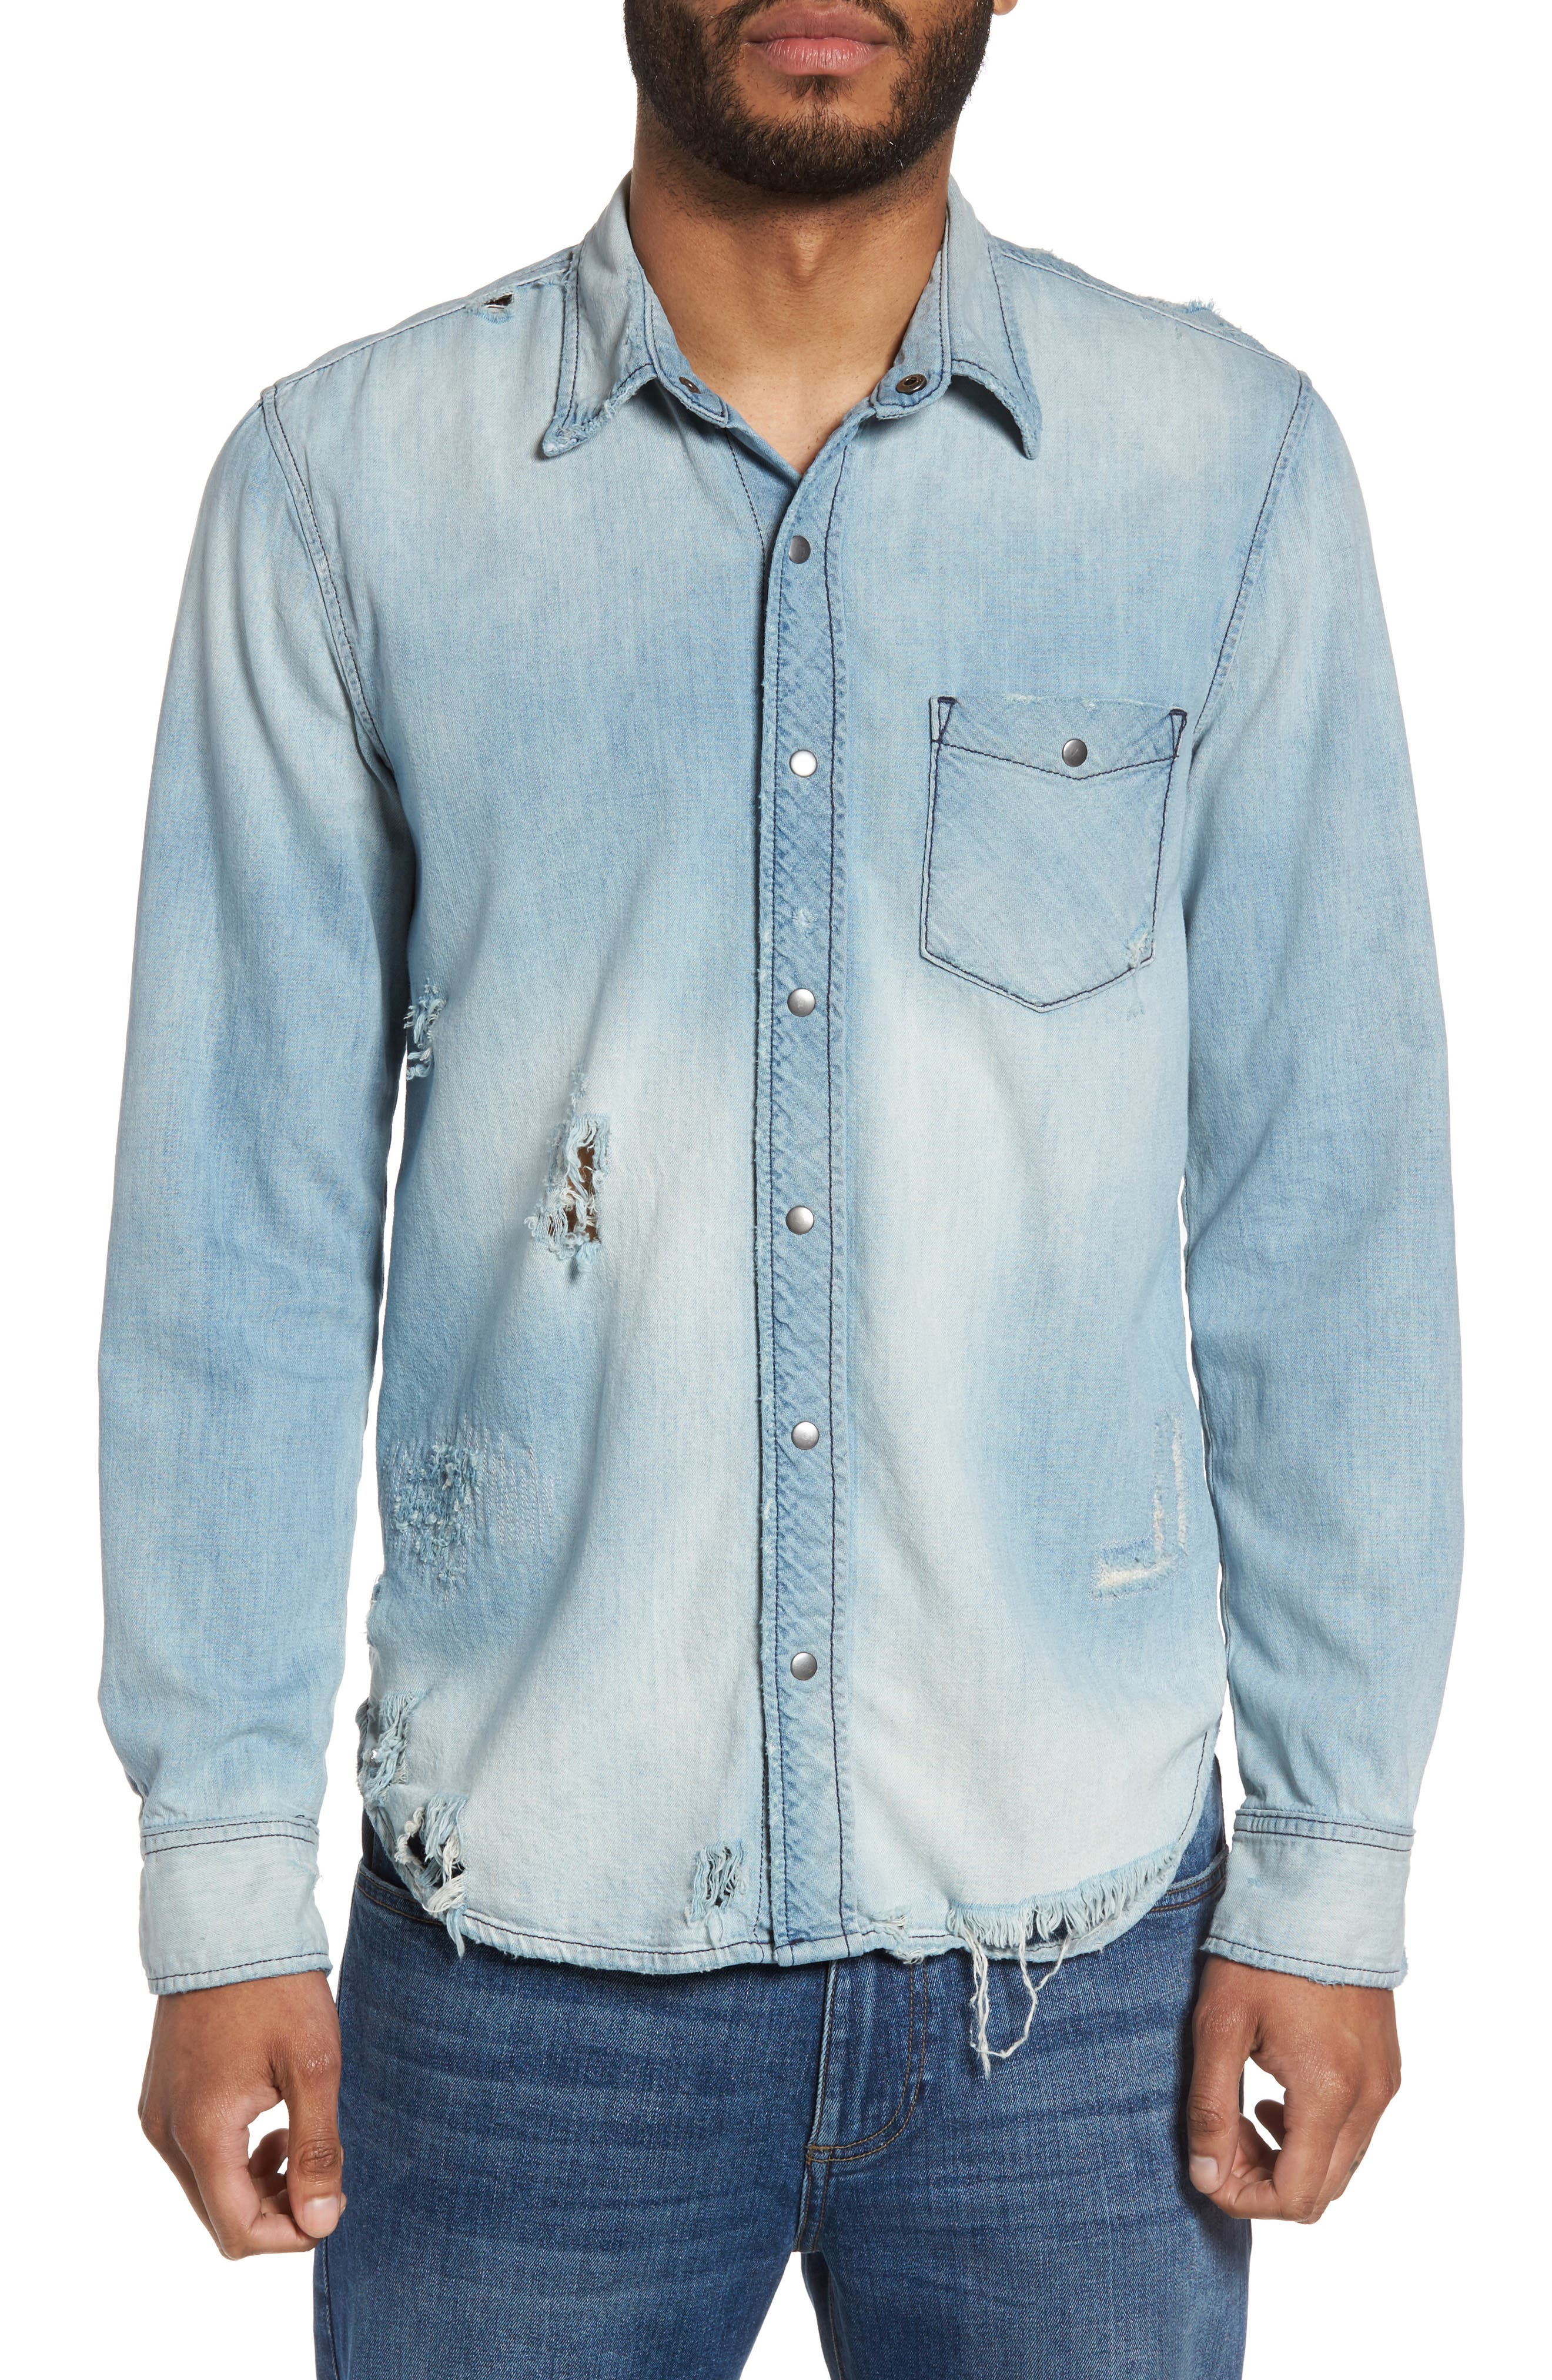 Hudson Slim Fit Destructed Denim Shirt,                         Main,                         color,